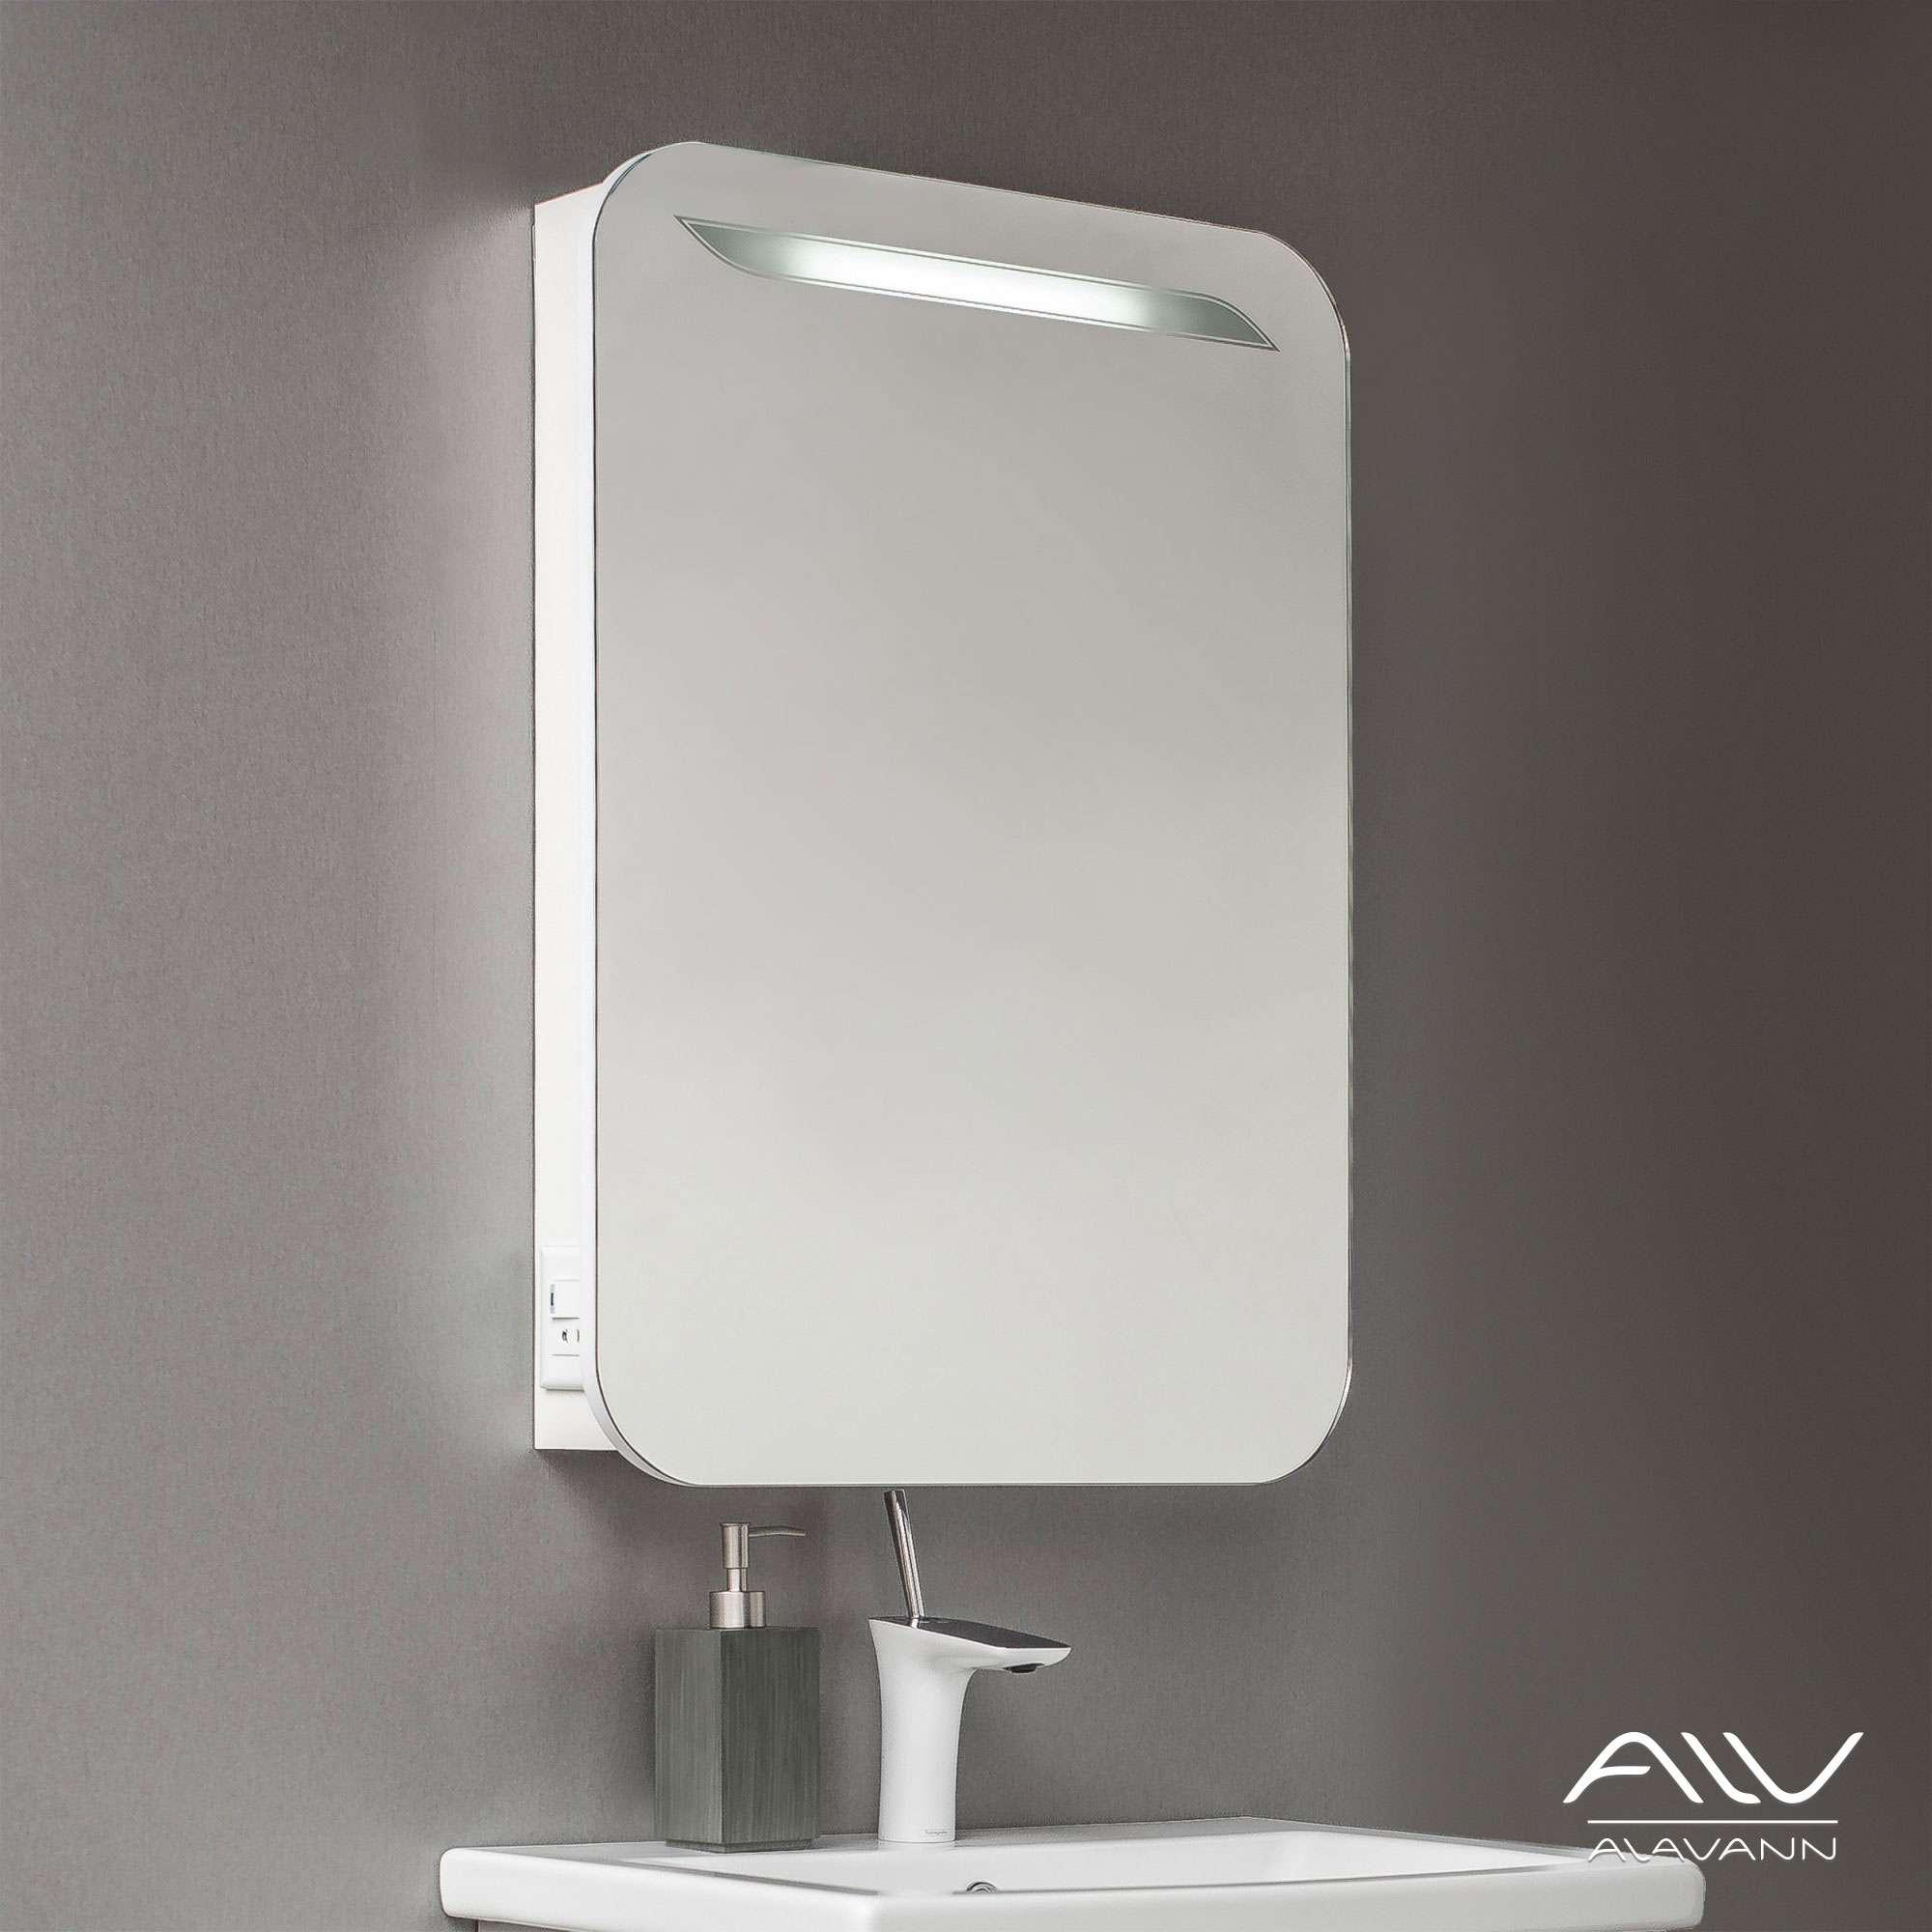 Зеркальный шкаф Alta 55 белый +6 955 руб.